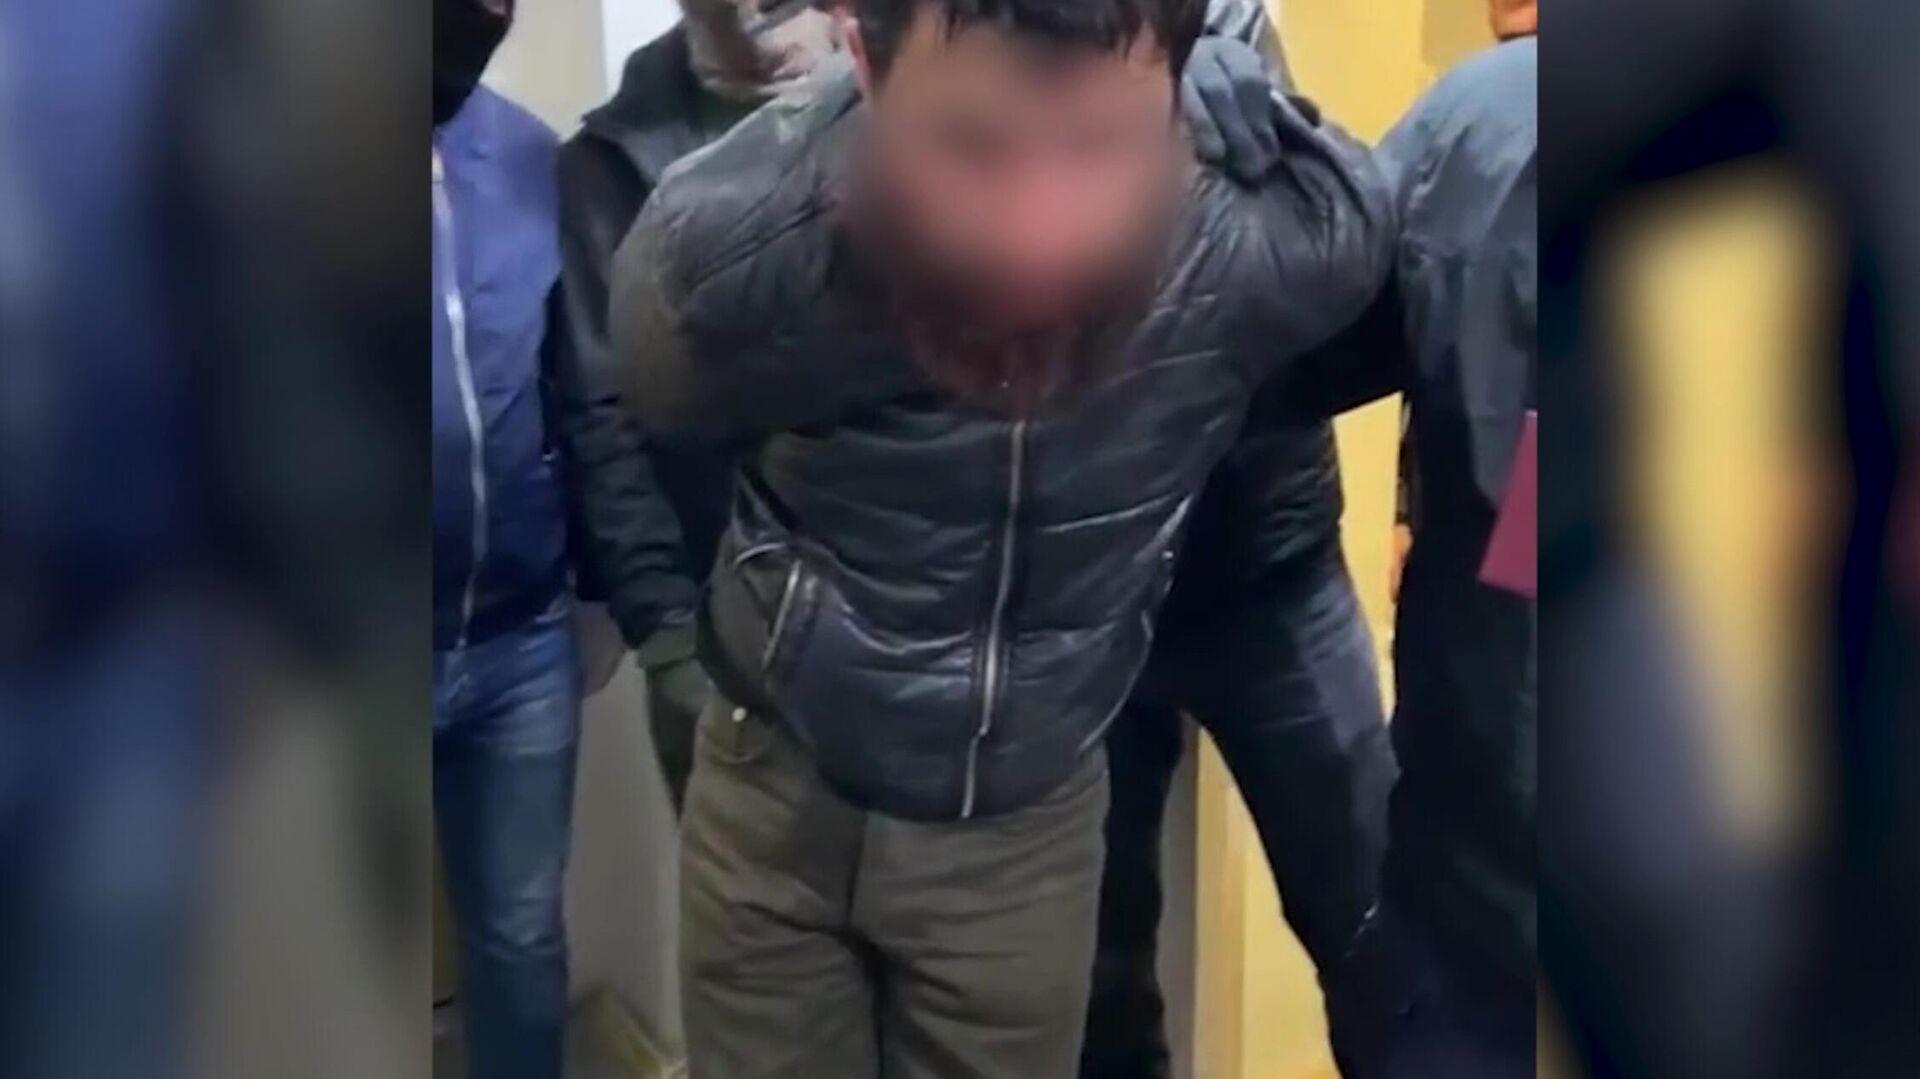 FSB presekla deyatelnost religiozno-ekstremistskoy yacheyki v Yekaterinburge - Sputnik Oʻzbekiston, 1920, 23.09.2021